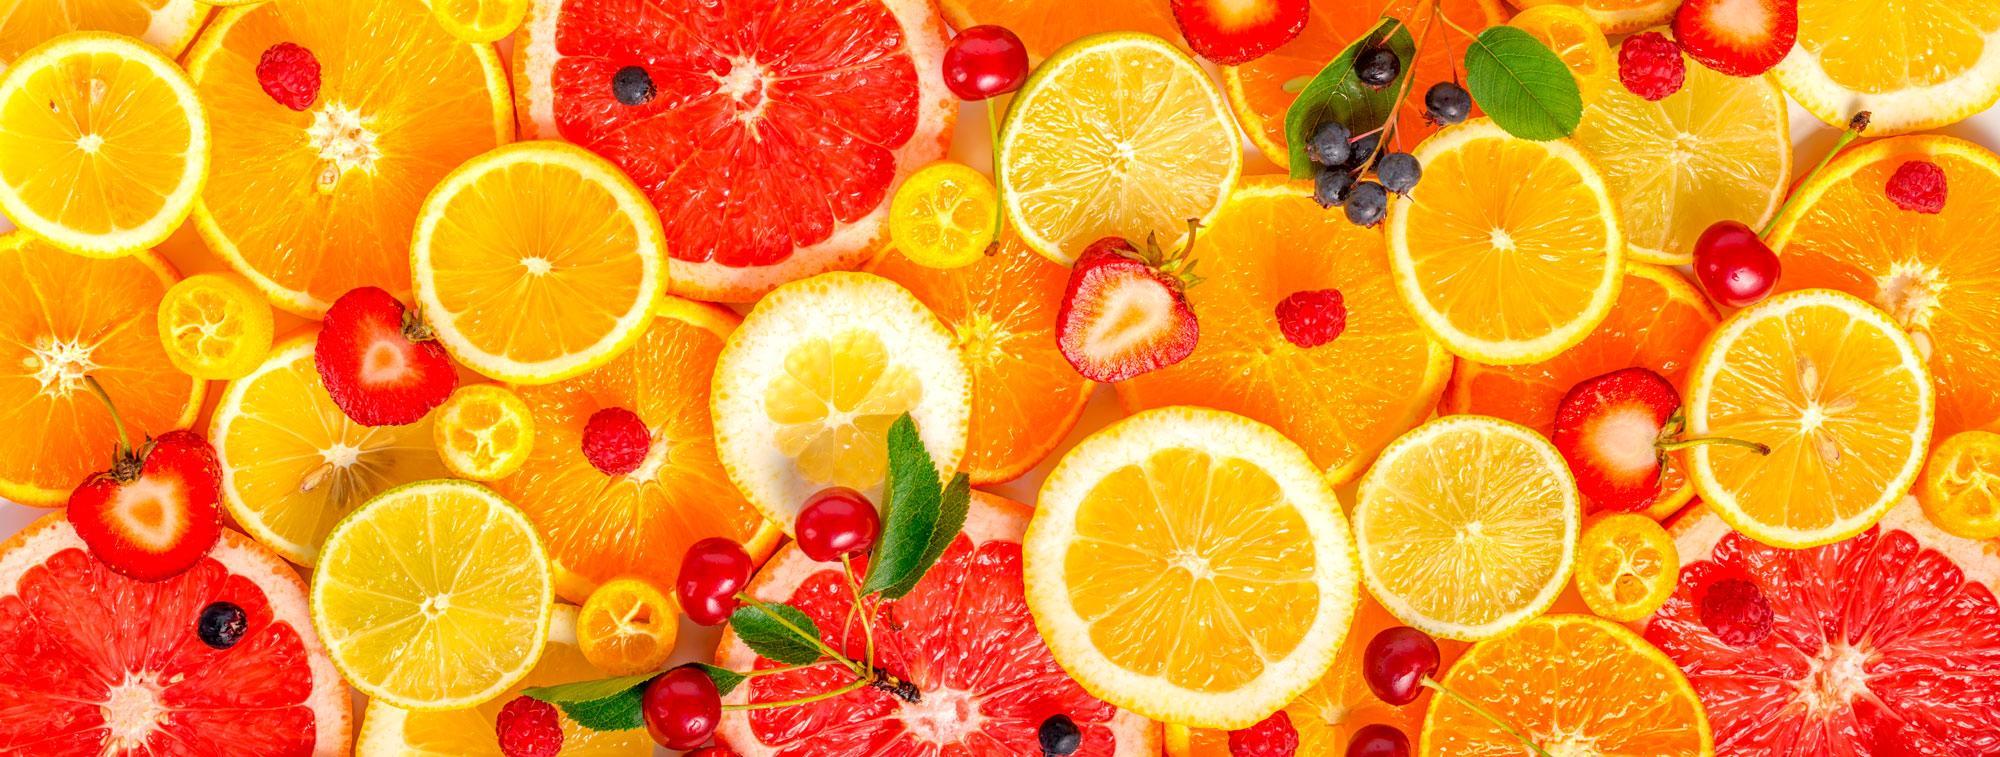 Зачем нам нужны витамины? Vito complete, как источник восполнения необходимых питательных веществ.